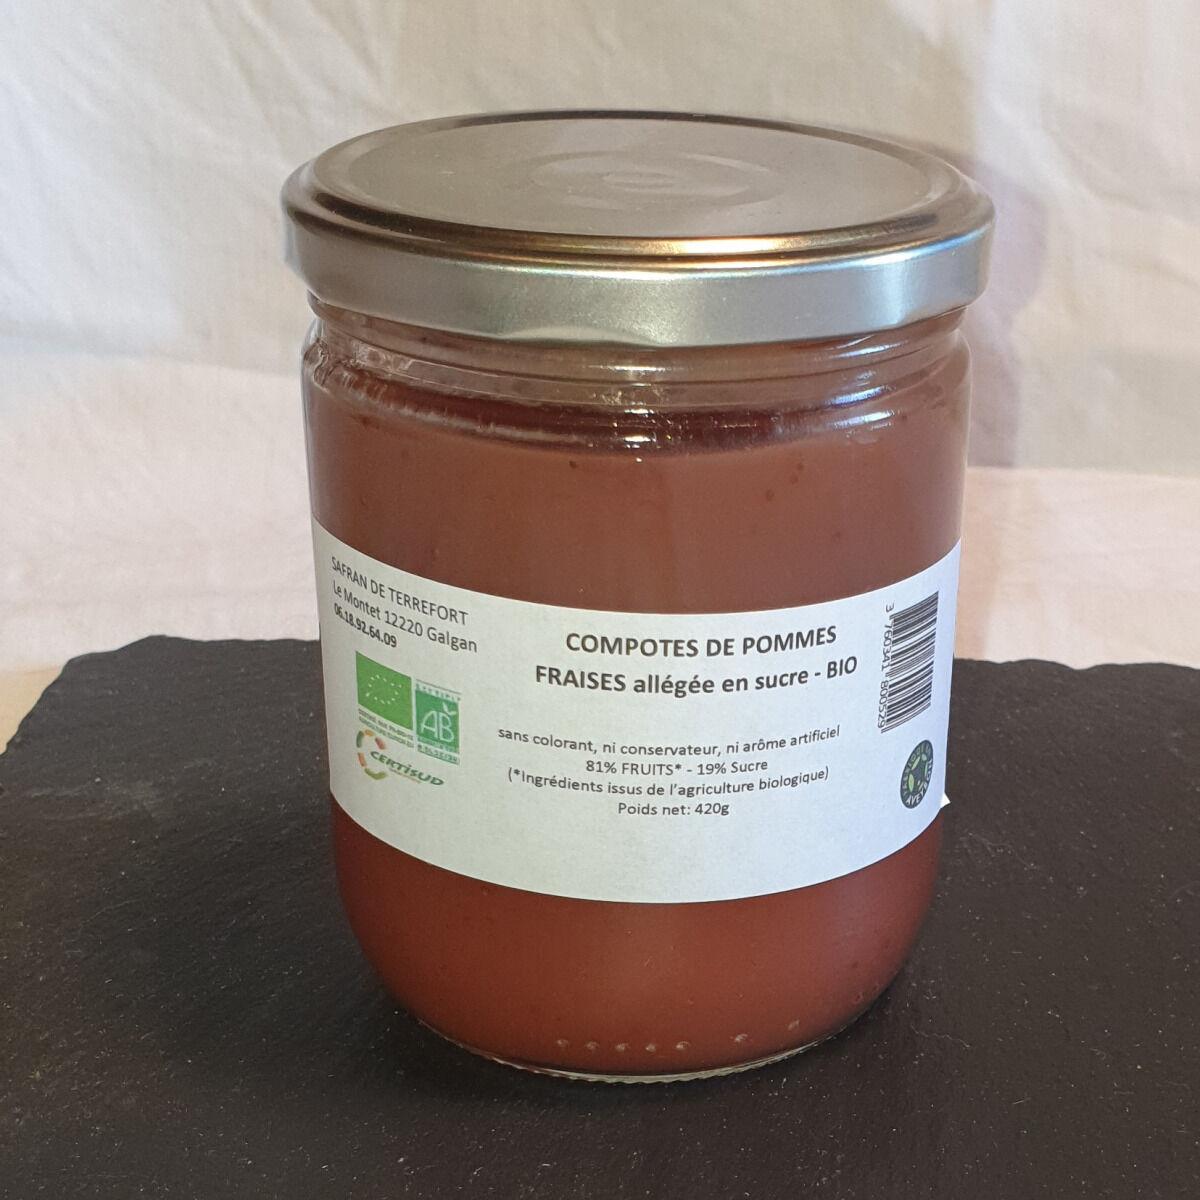 La Ferme du Montet Compote Pomme - Fraise - bio - allégée en sucre